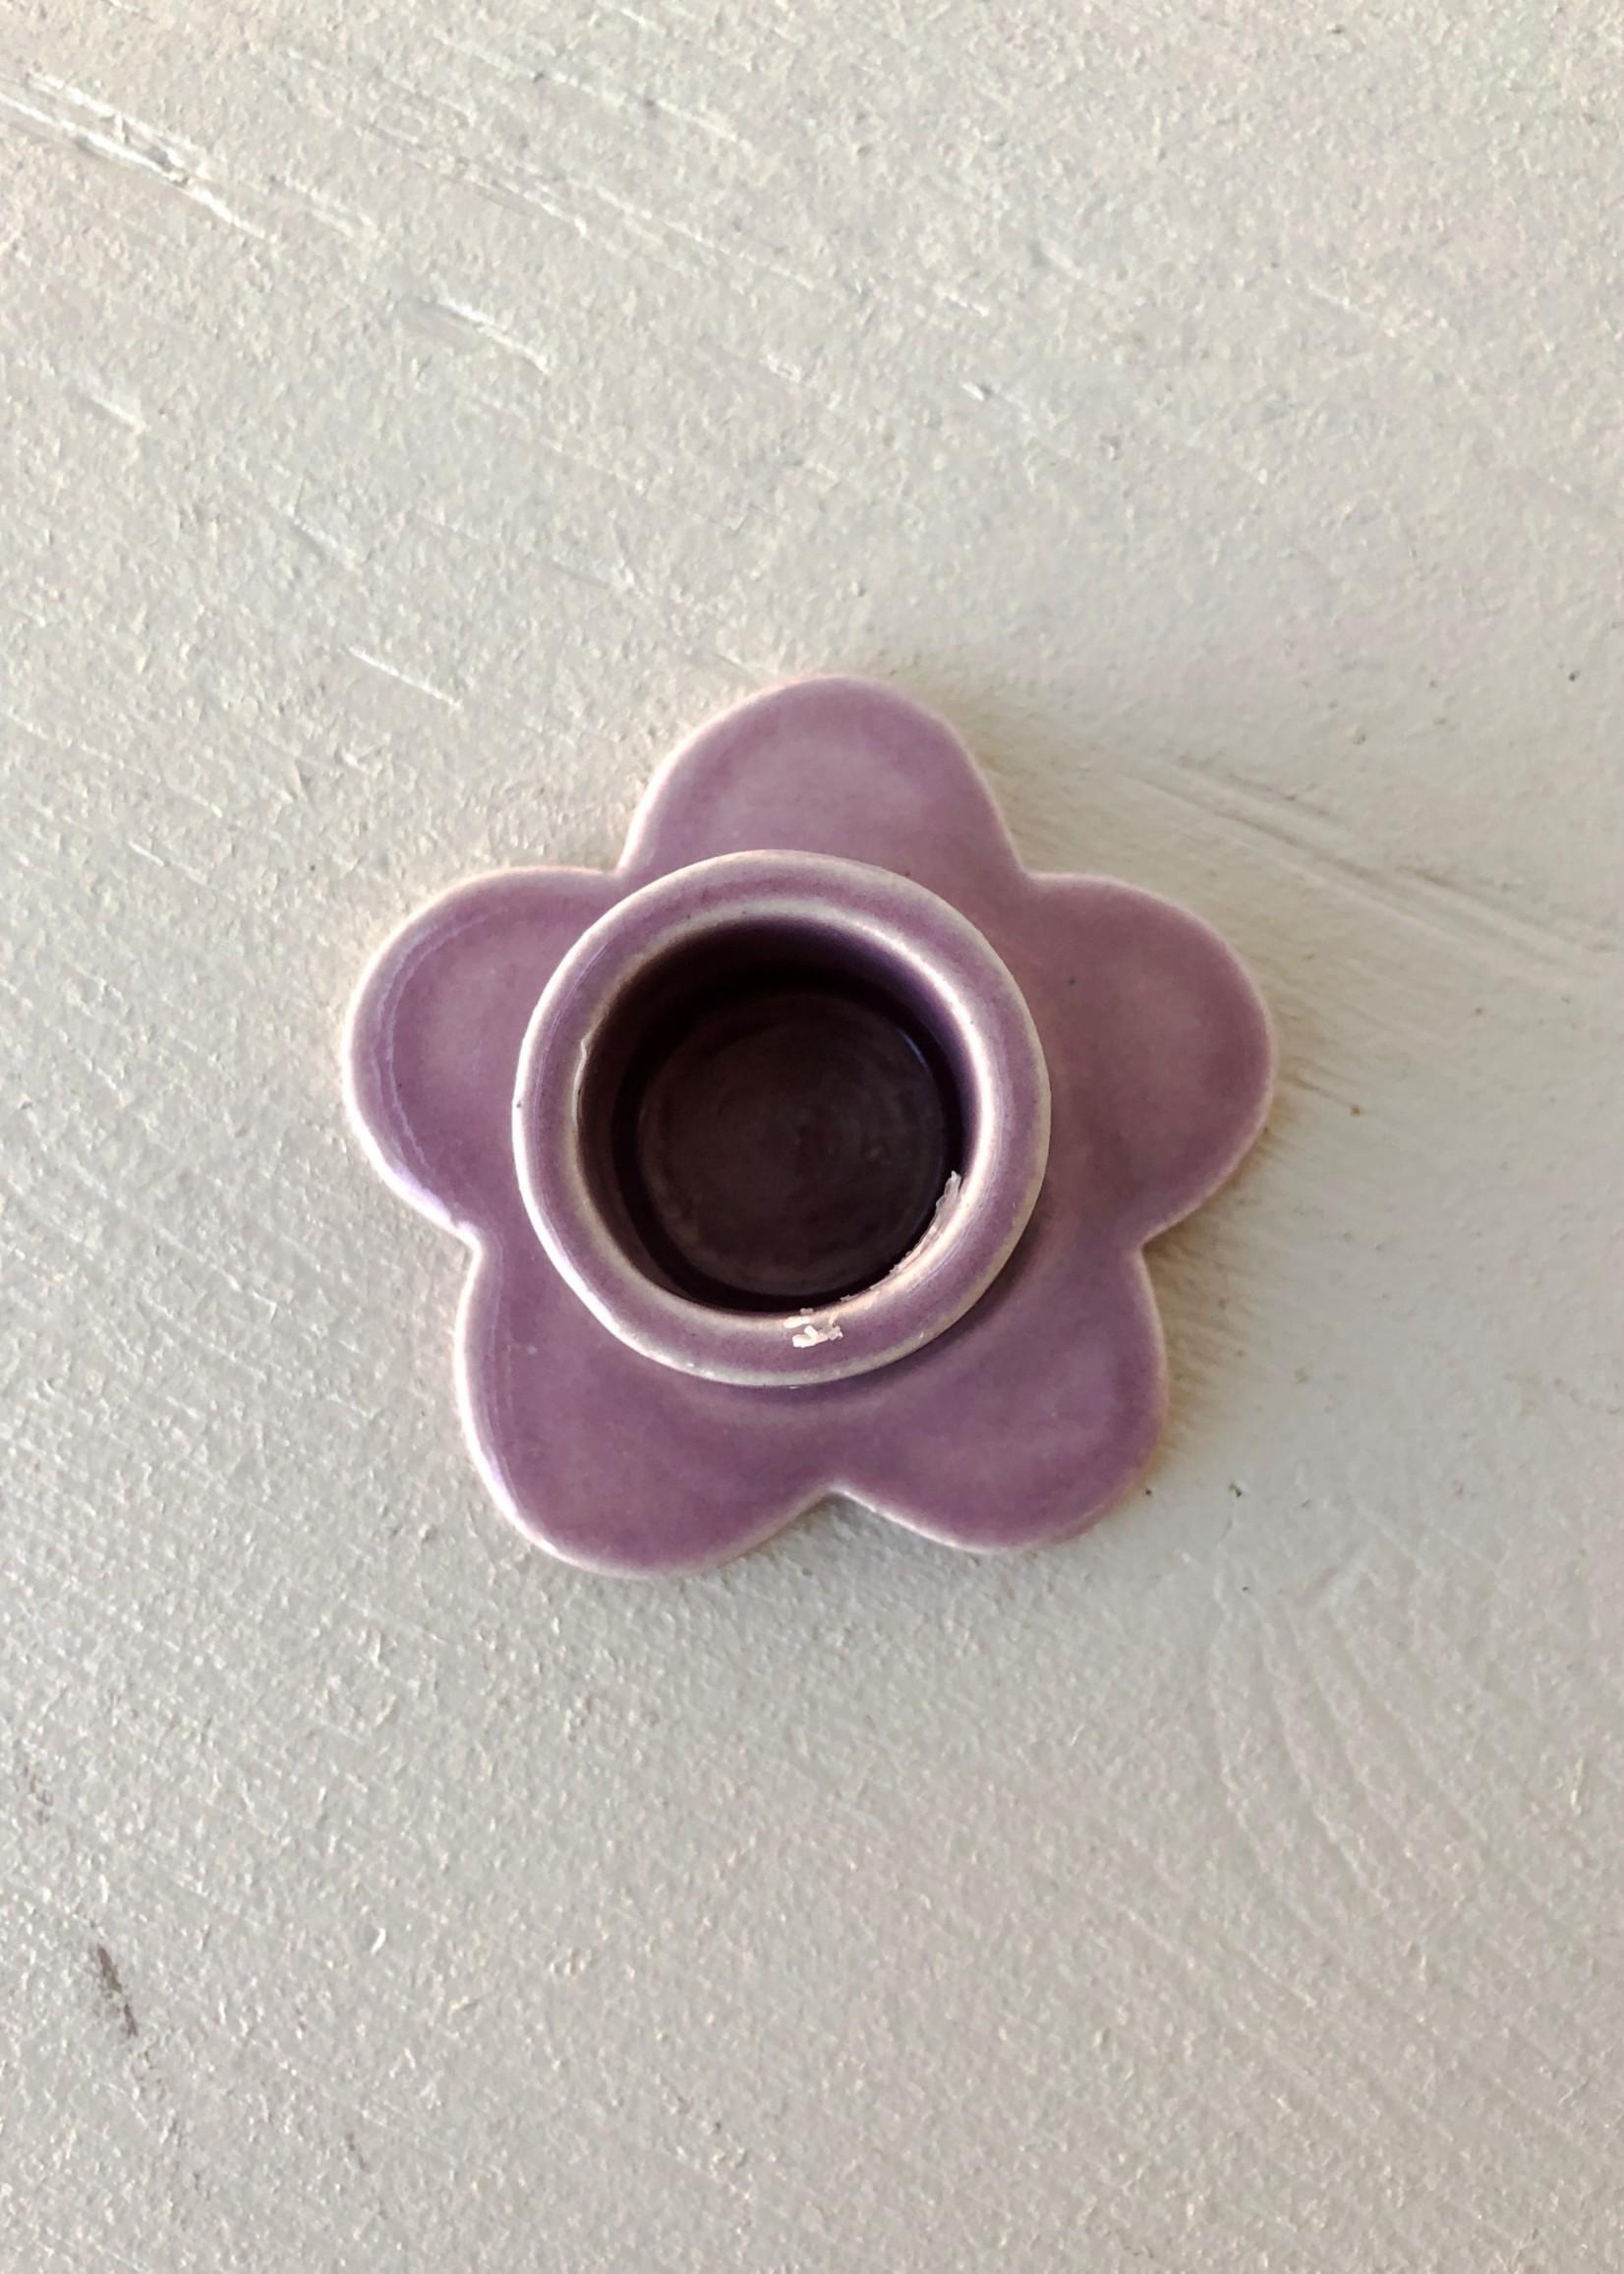 Days Eye Flower Candle Holder by Days Eye